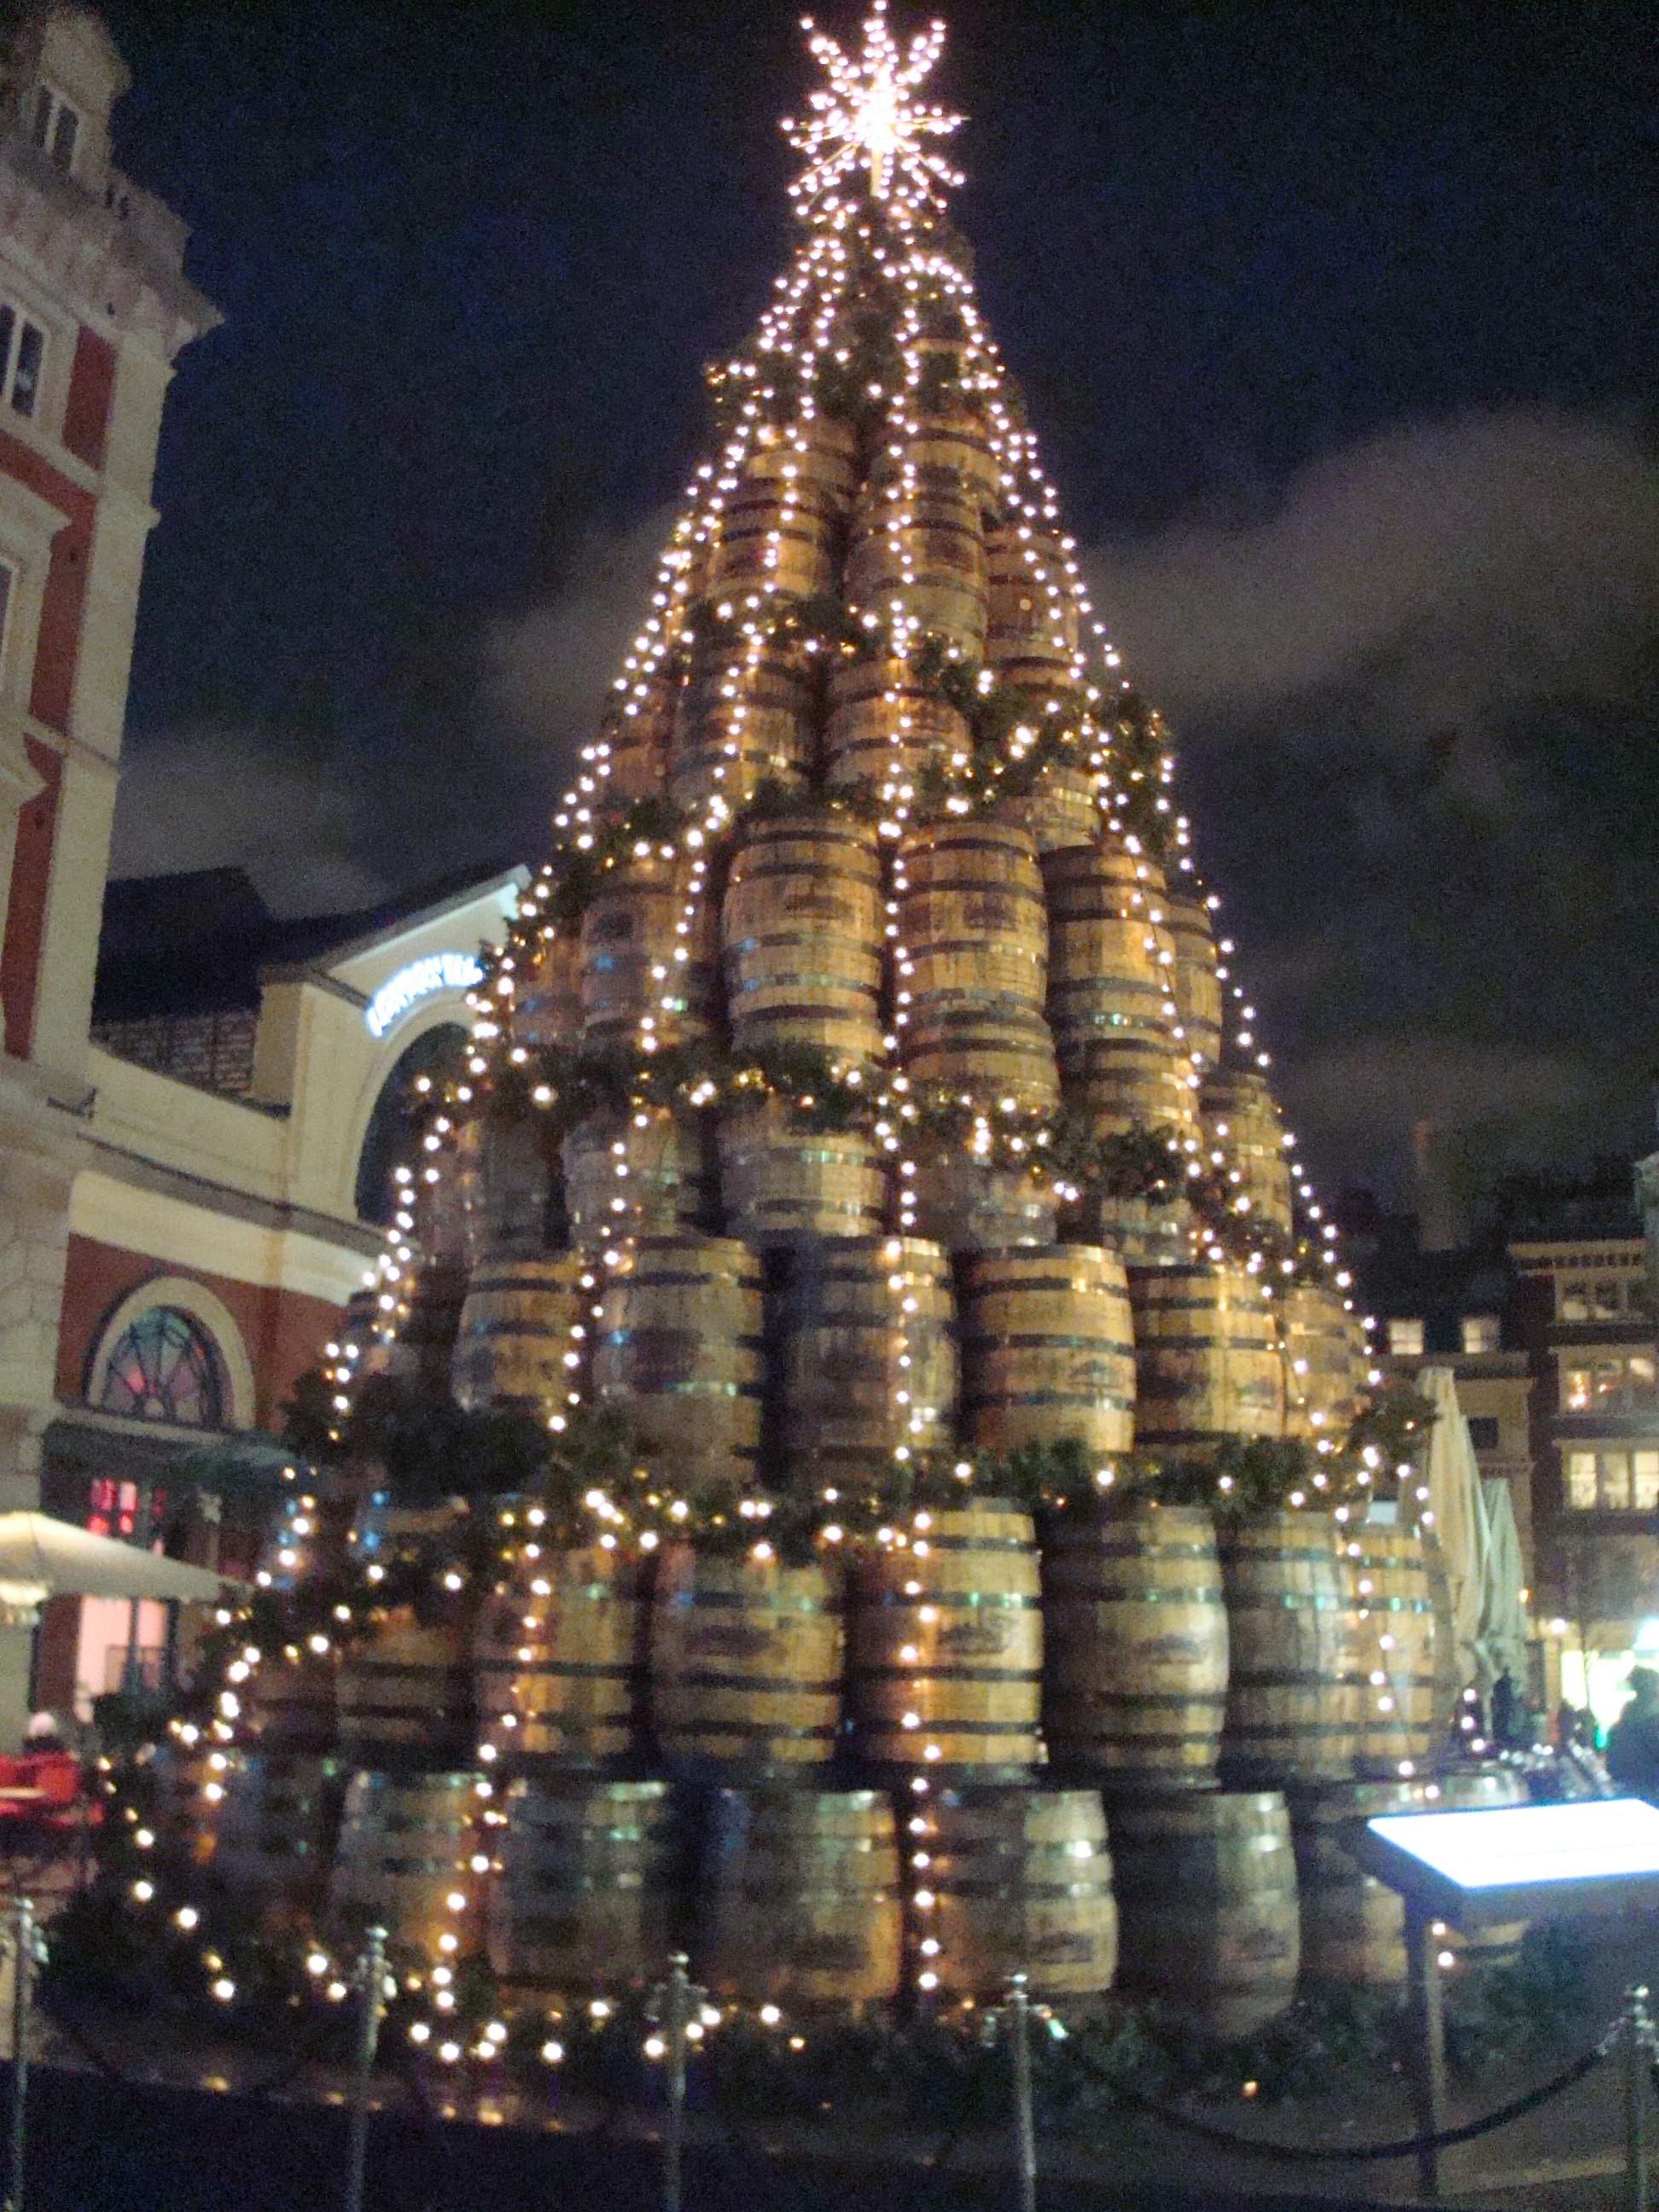 Sydney Christmas Tree Lighting